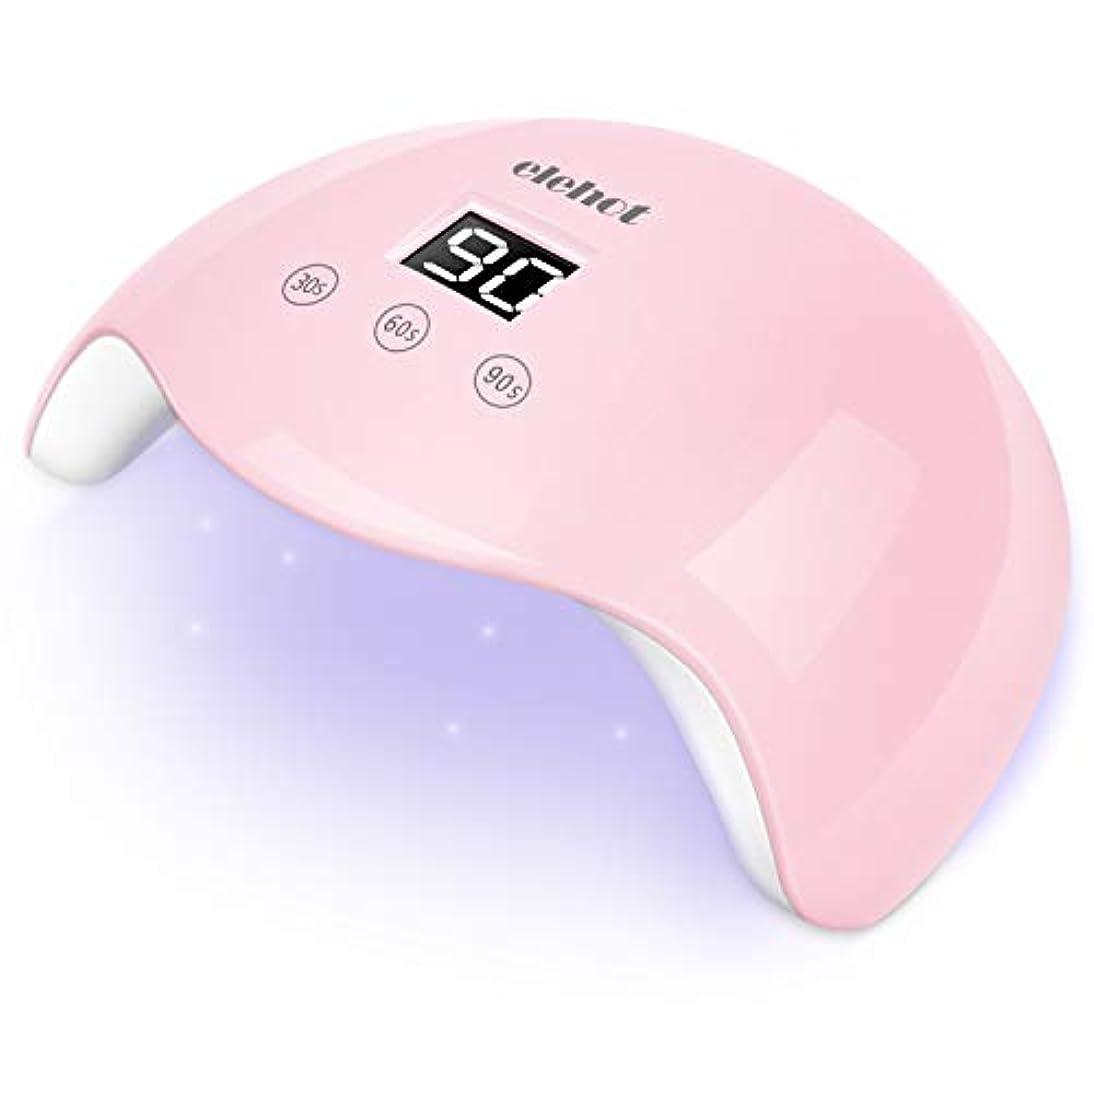 推測する次へ不良ELEHOT uvライト ネイルドライヤー 硬化用UVライト uvledライト ledライト 人感センサー タイマー機能 交流式 ジェルネイル用 レジン用 ピンク